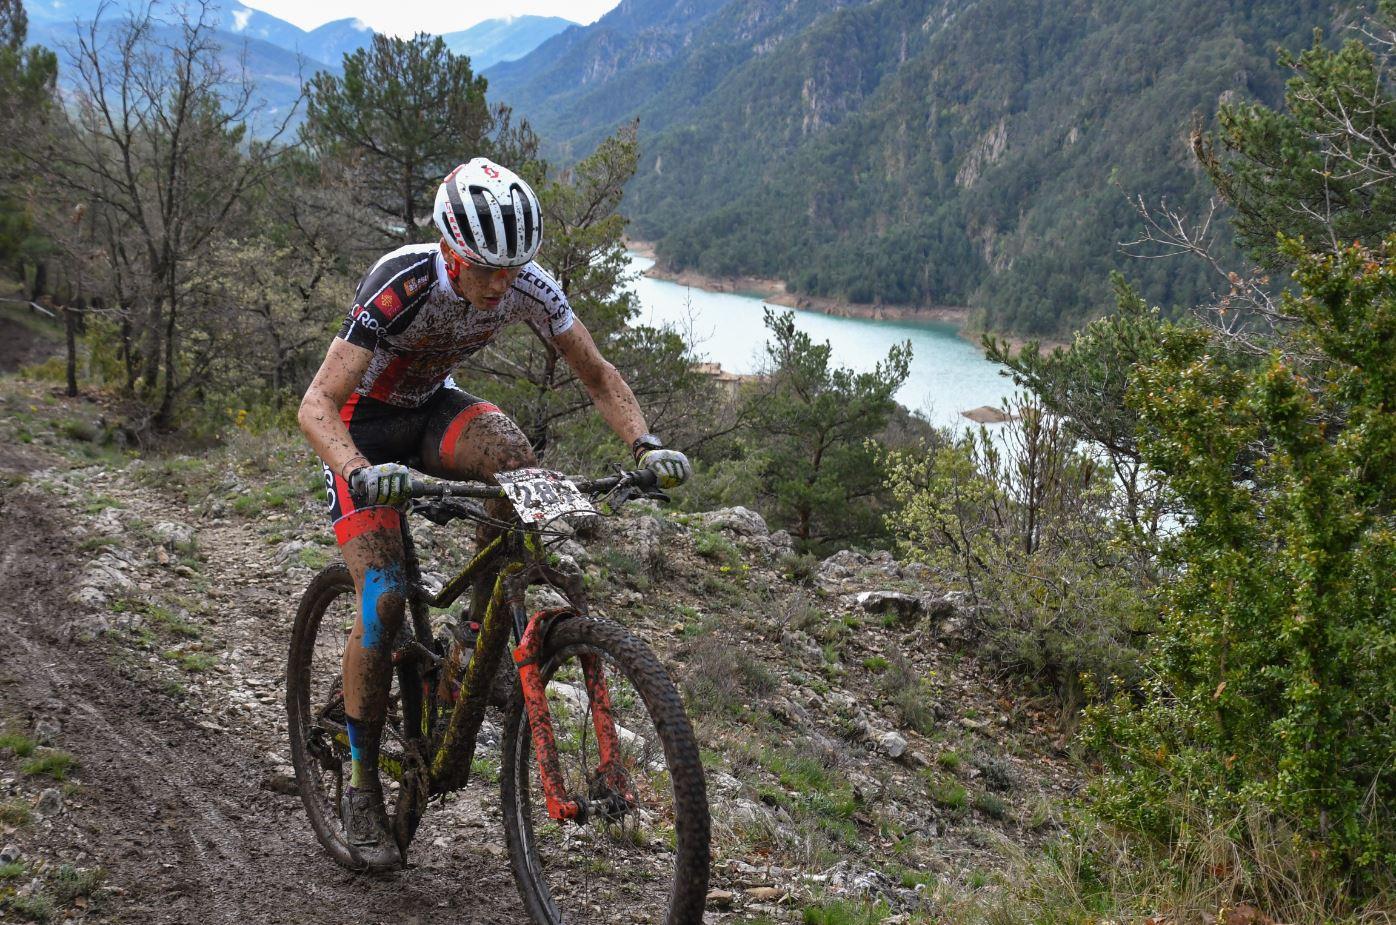 El paradís biker de la Vall de Lord ja està llest per acollir la Copa Catalana Internacional Biking Point